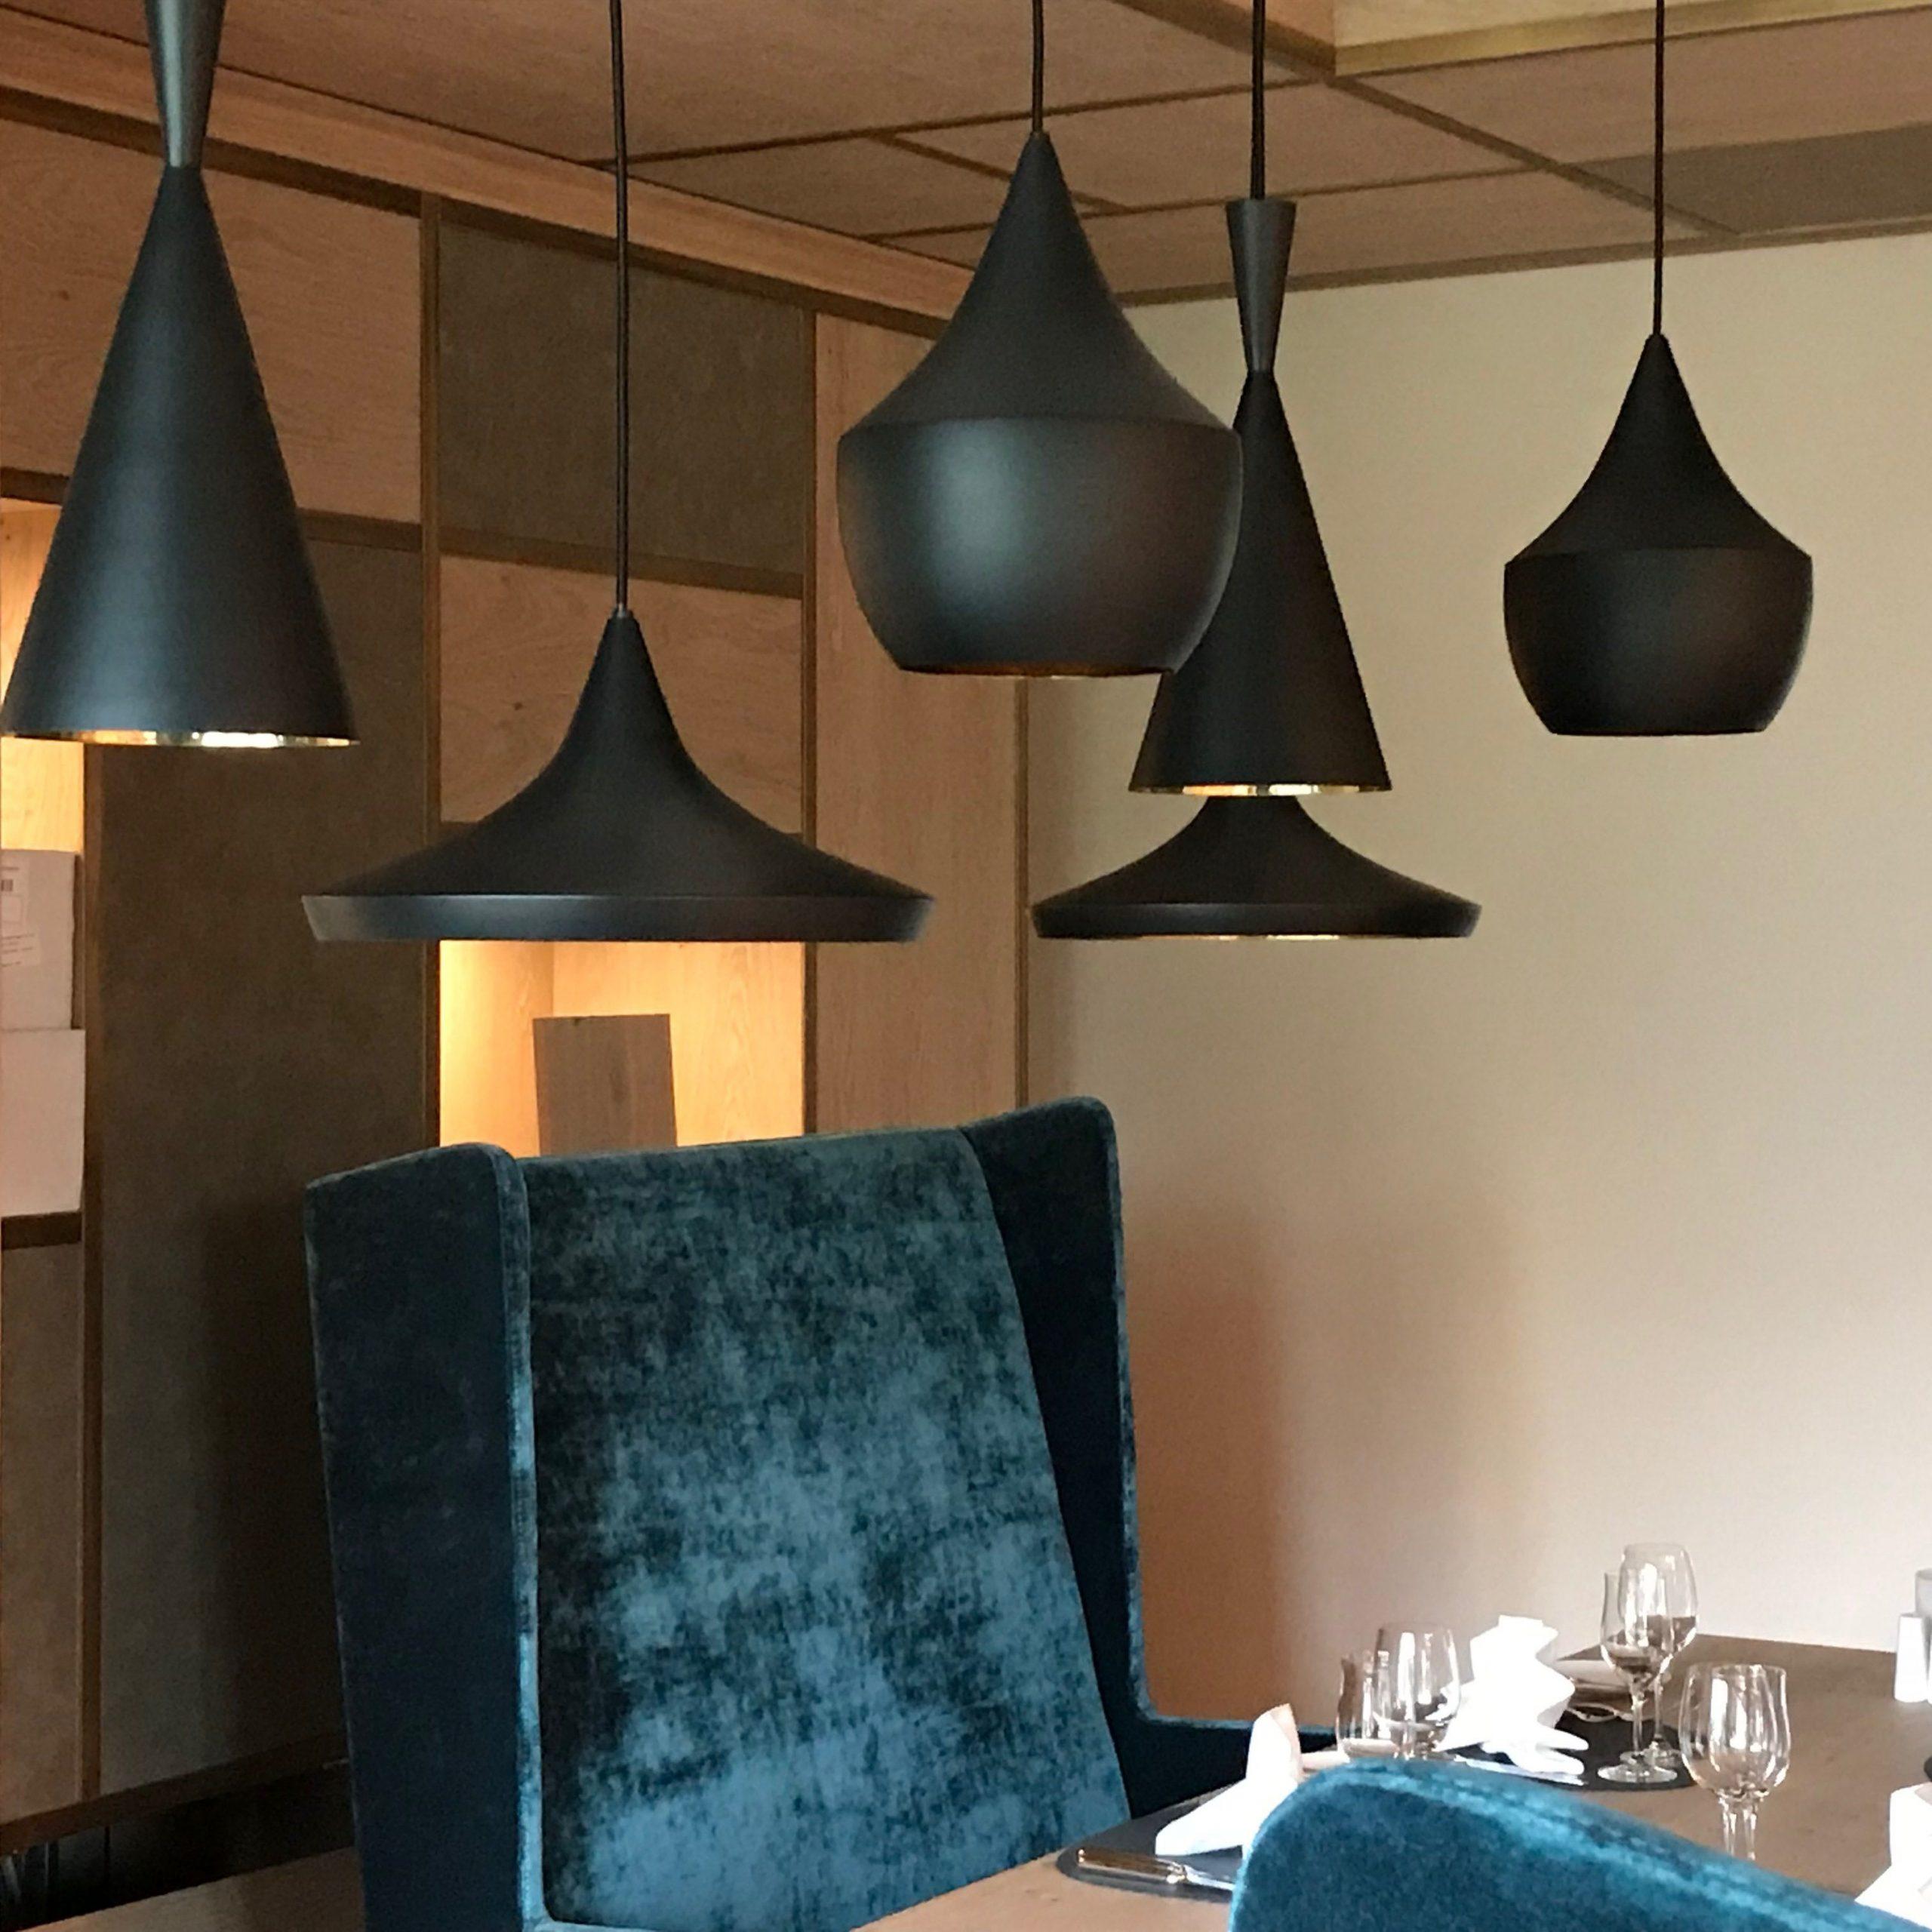 Full Size of Deckenlampen Moderne Deckenbeleuchtung Esszimmerbeleuchtung Indirekte Beleuchtung Wohnzimmer Gardinen Für Hängeleuchte Liege Stehleuchte Schrankwand Vorhang Wohnzimmer Hängelampen Wohnzimmer